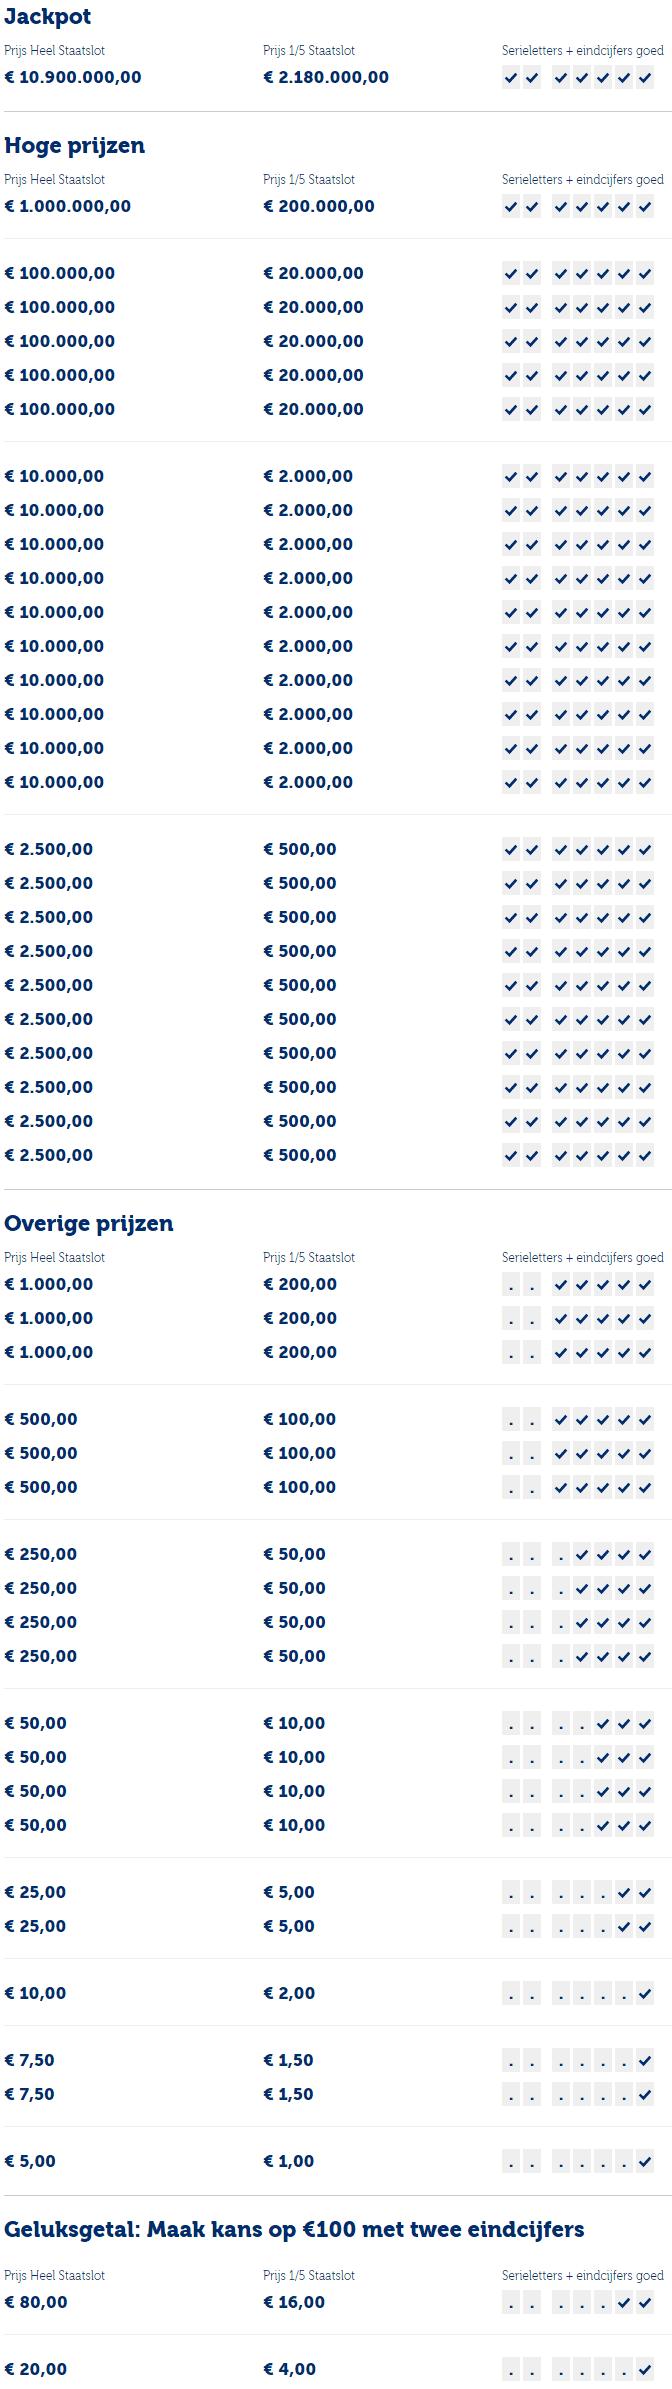 prijzen staatsloterij 10 januari 2021